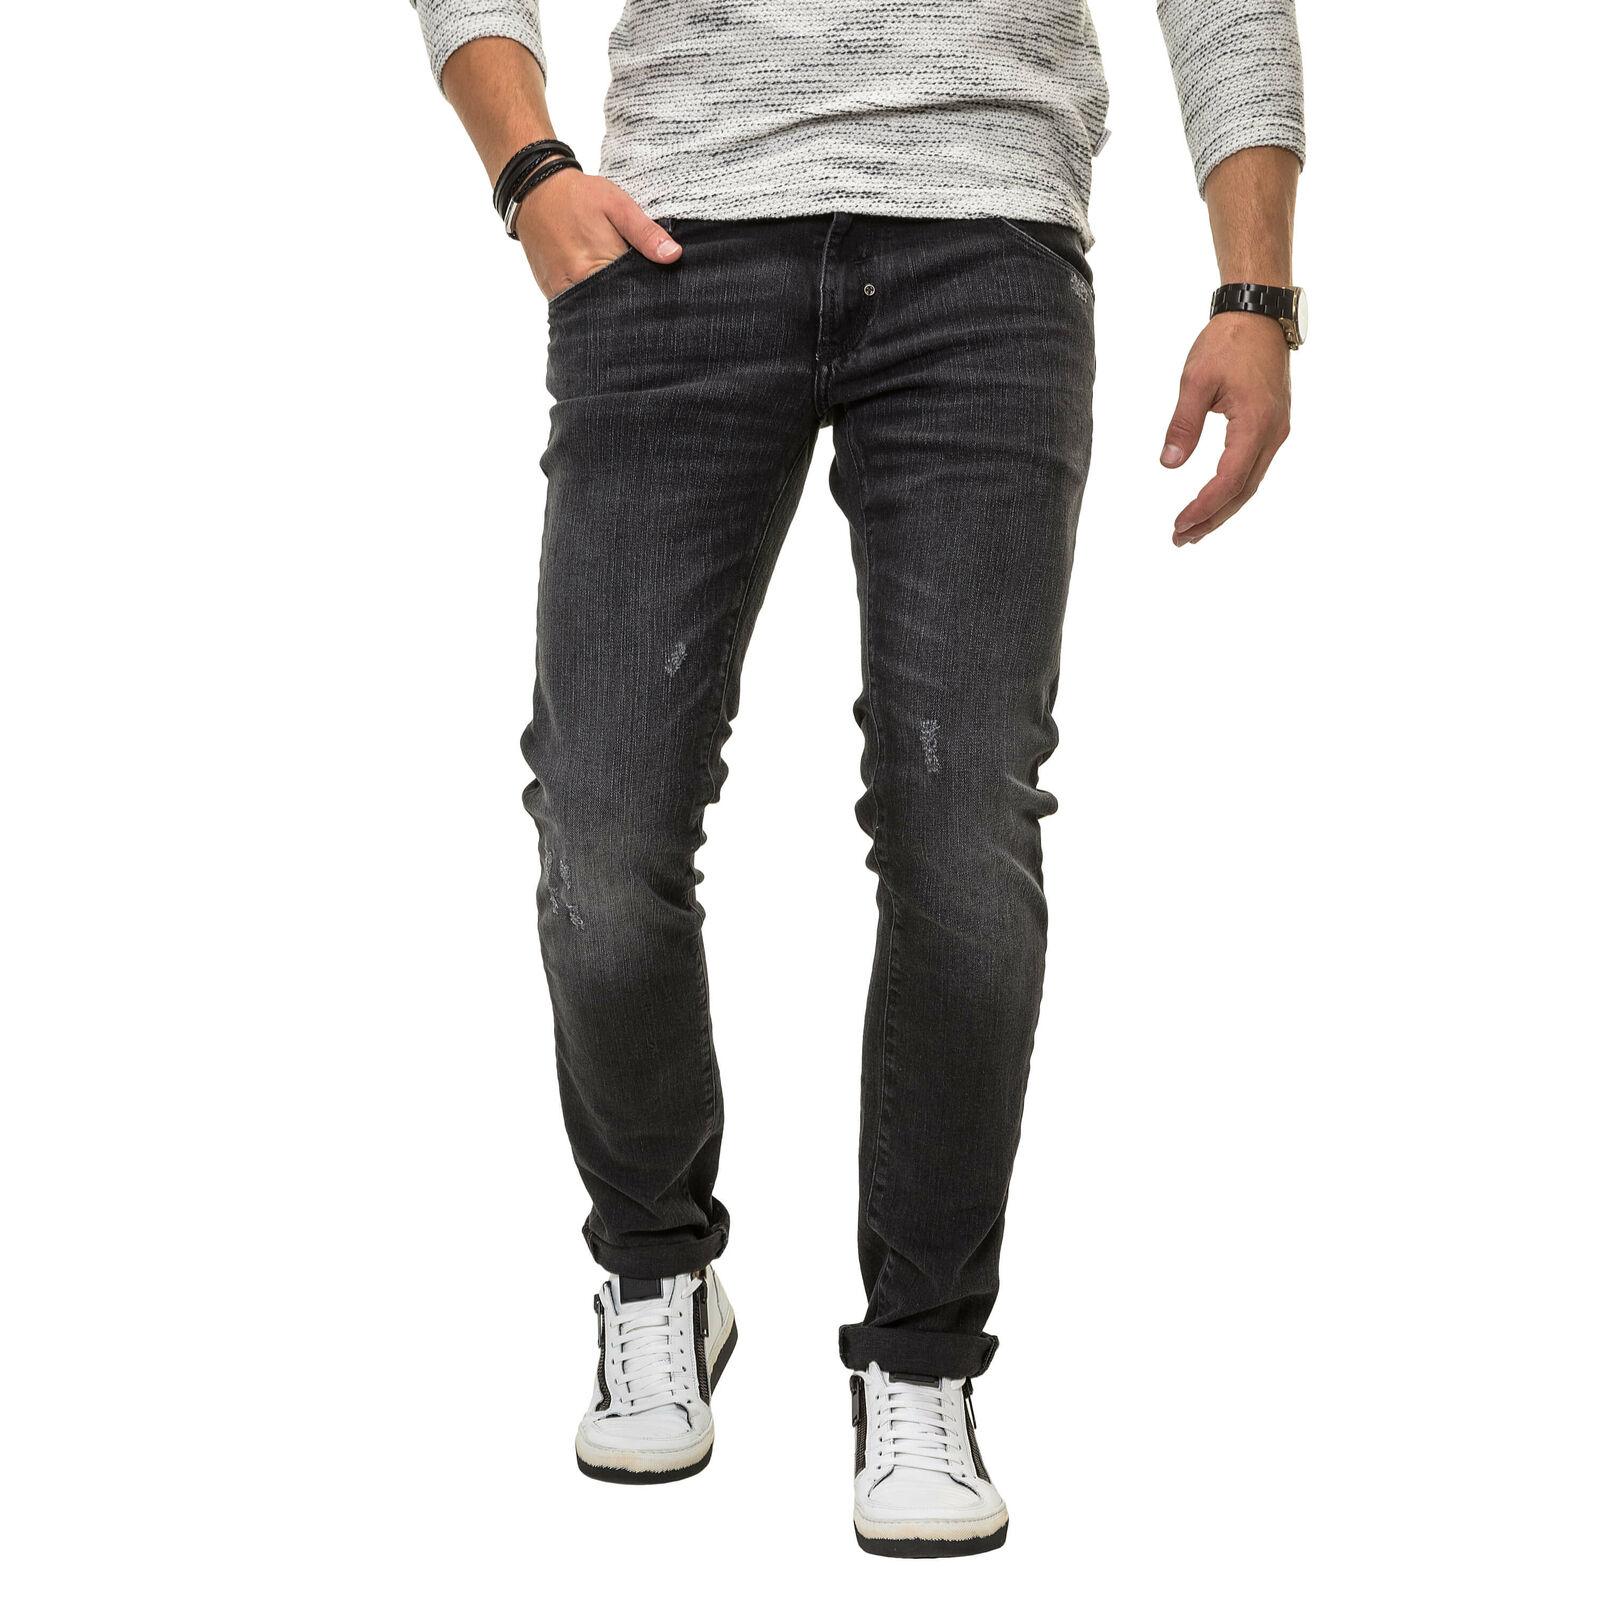 Antony Morato calcetines para vaqueros caballero pantalones  calcetines para vaqueros used-Look pantalones slim fit sale%  online al mejor precio